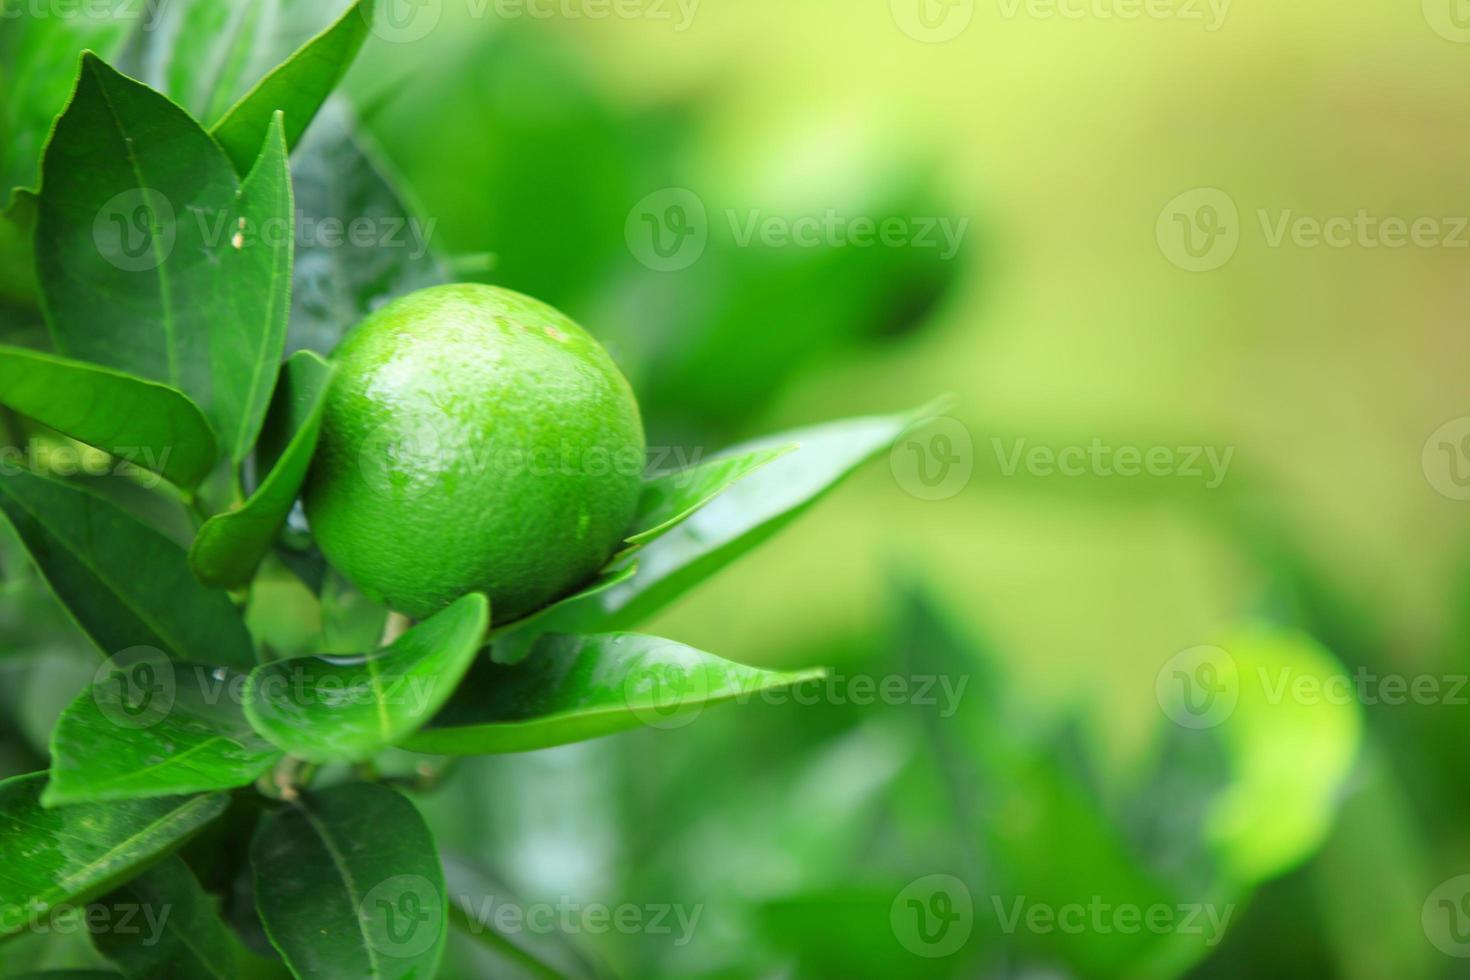 oranges grow on tree photo